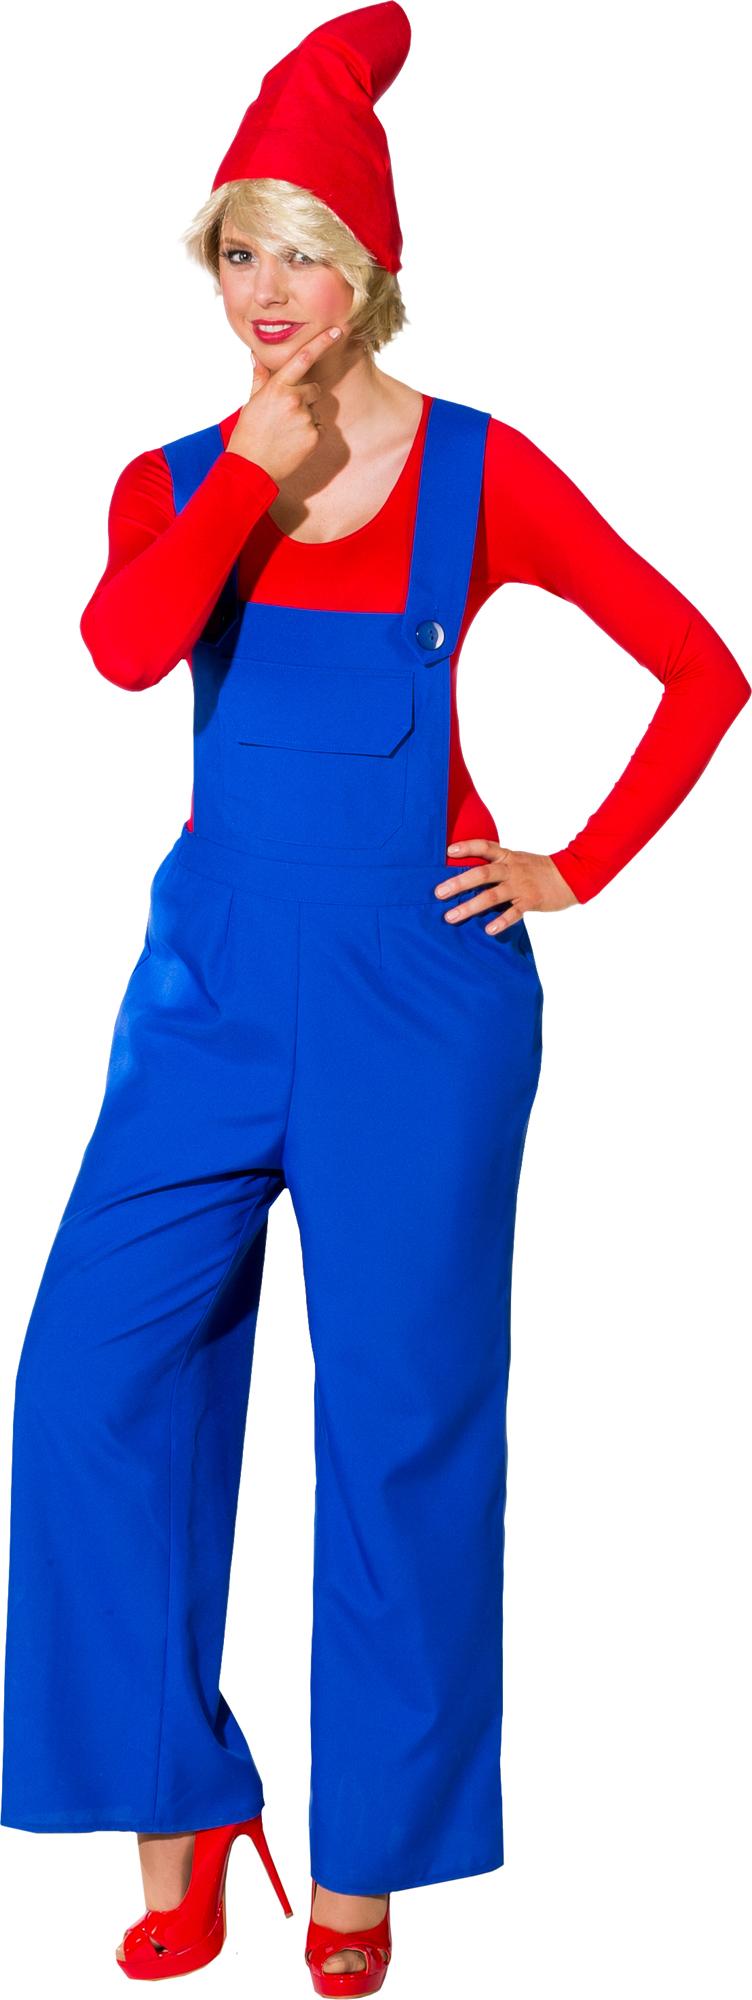 auf großhandel 2019 am besten exquisiter Stil Latzhose blau Damen u. Herren - Karnevalsshop Bastian